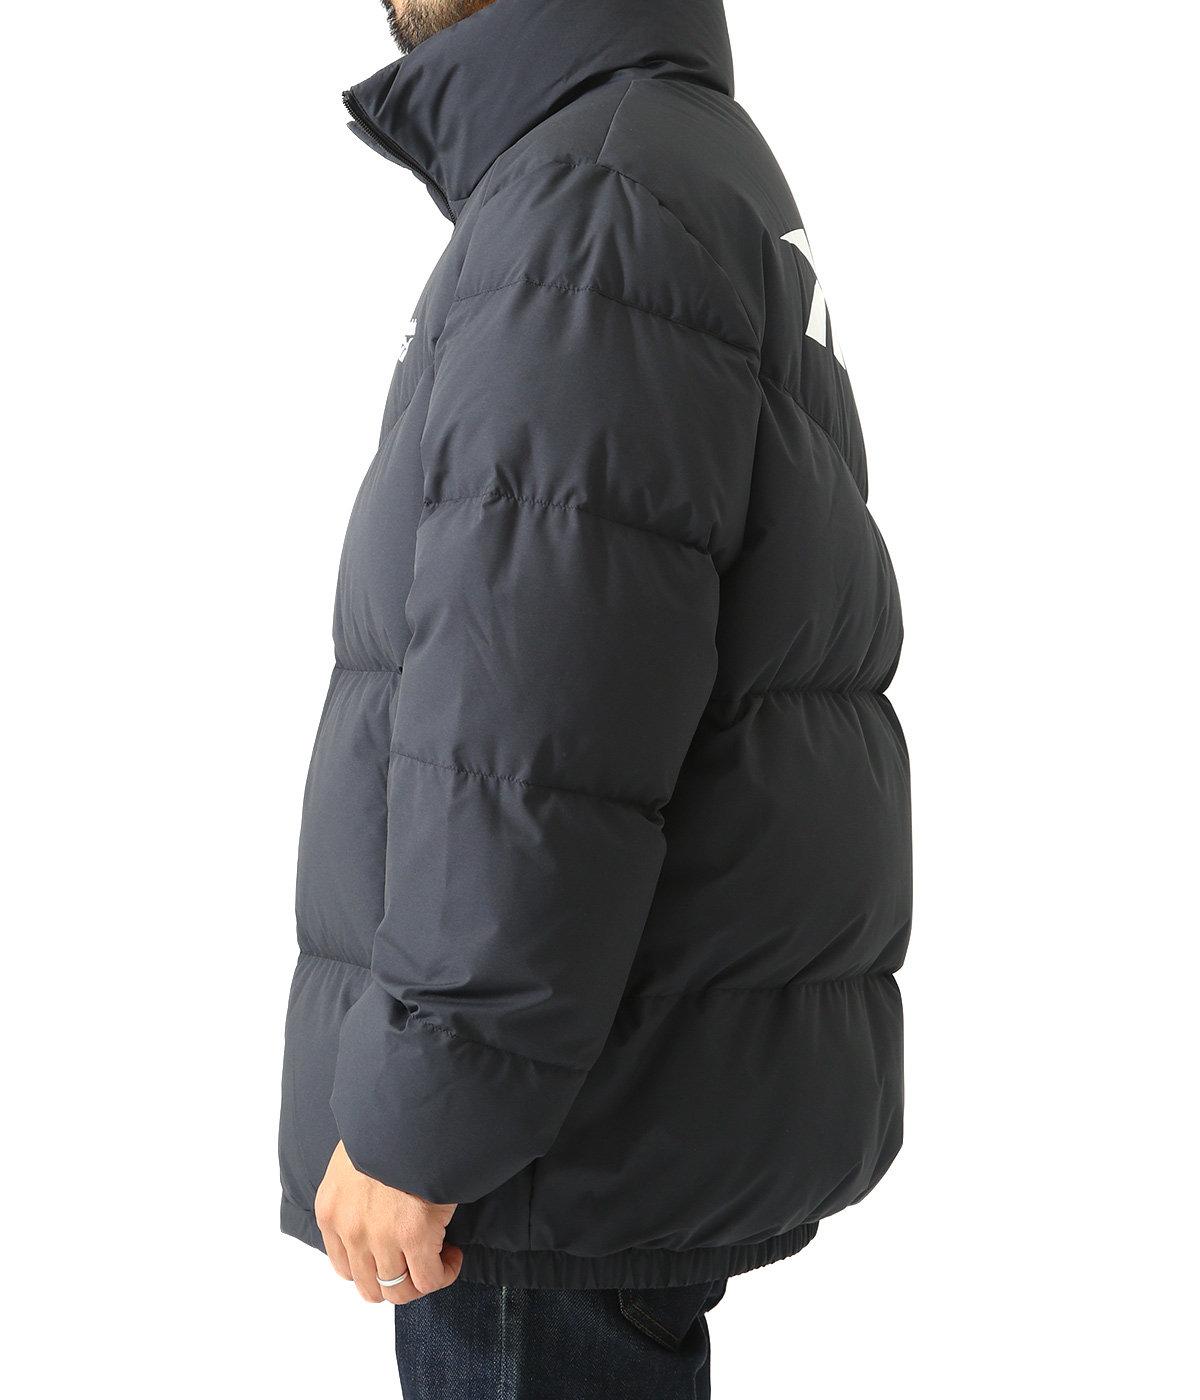 CL ショート パフ ダウン ジャケット